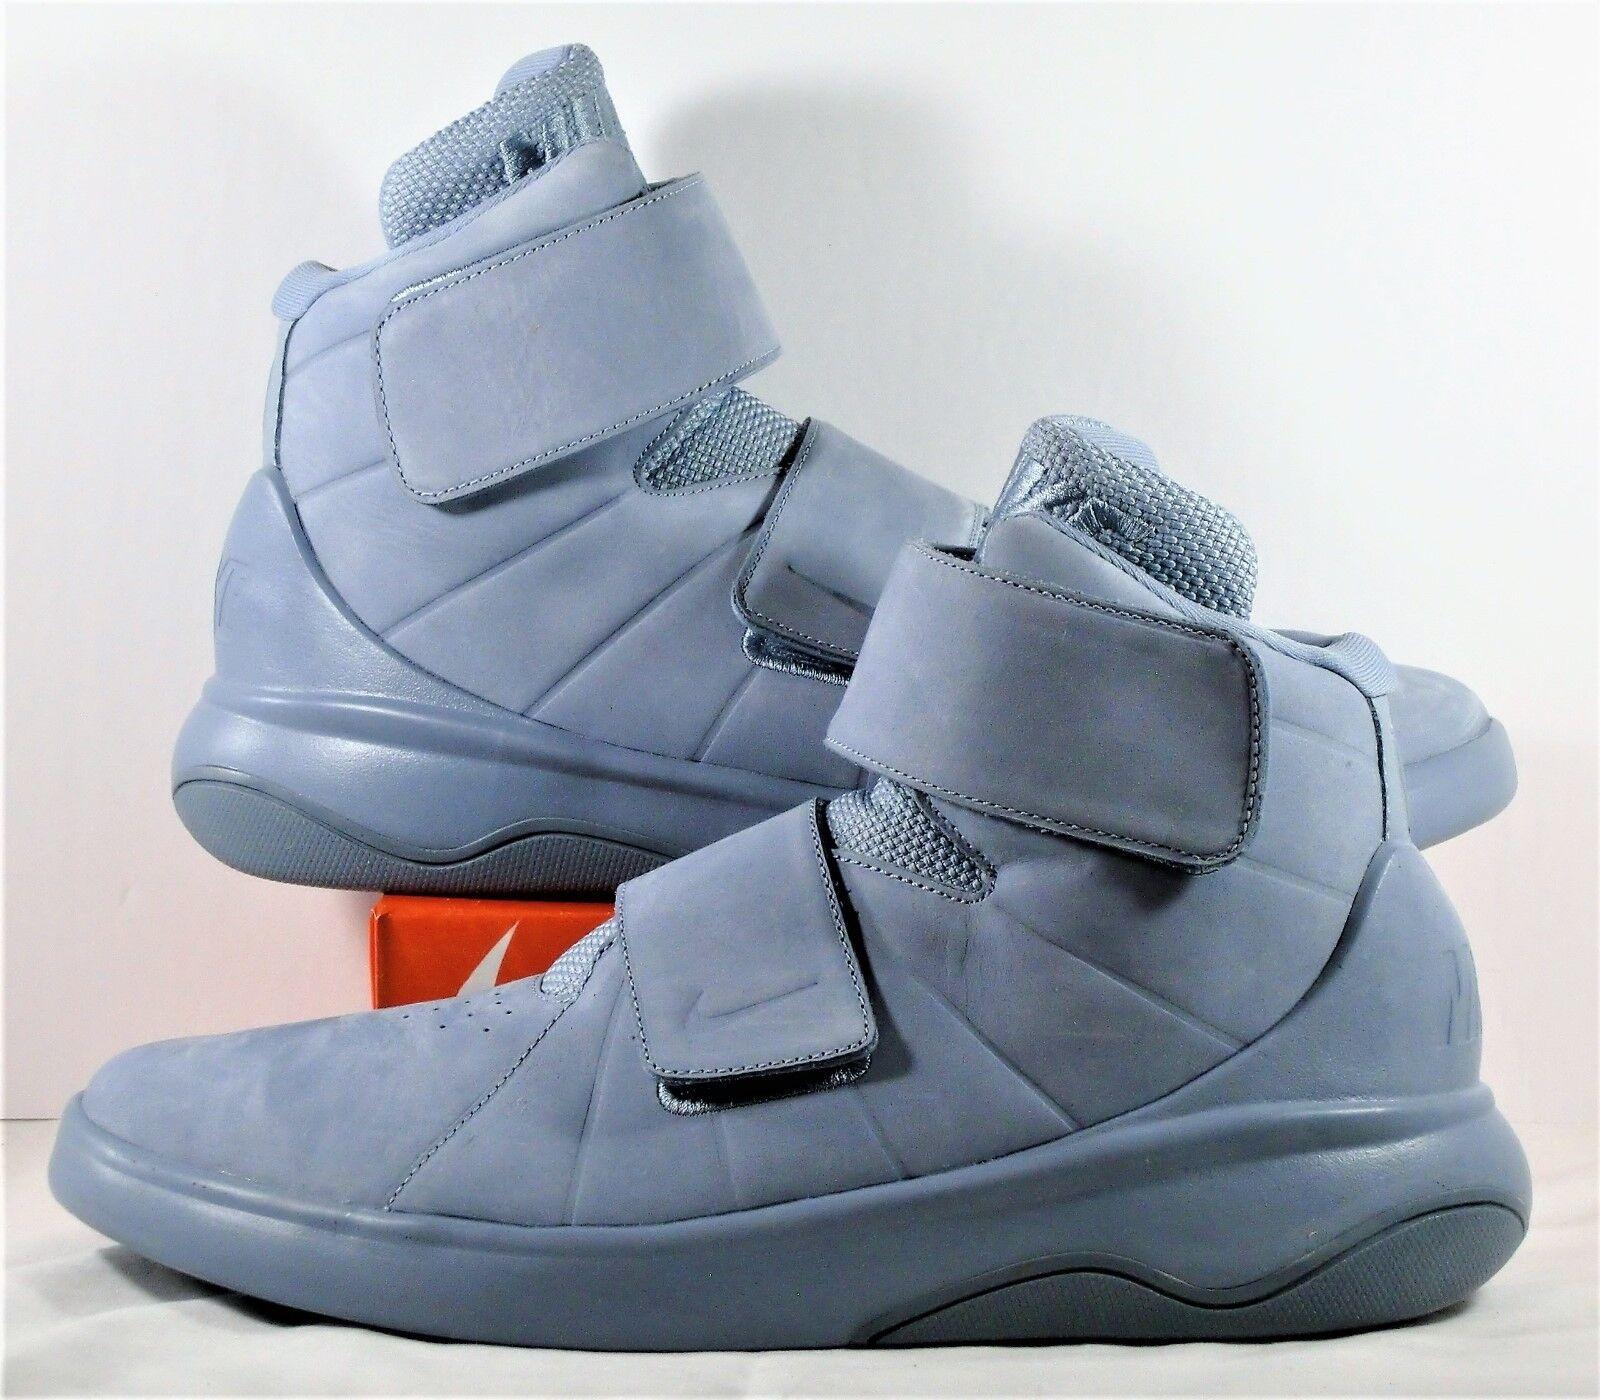 Nike Marxman Blue Grey Premium Athletic Training Shoes Sz 10 NEW